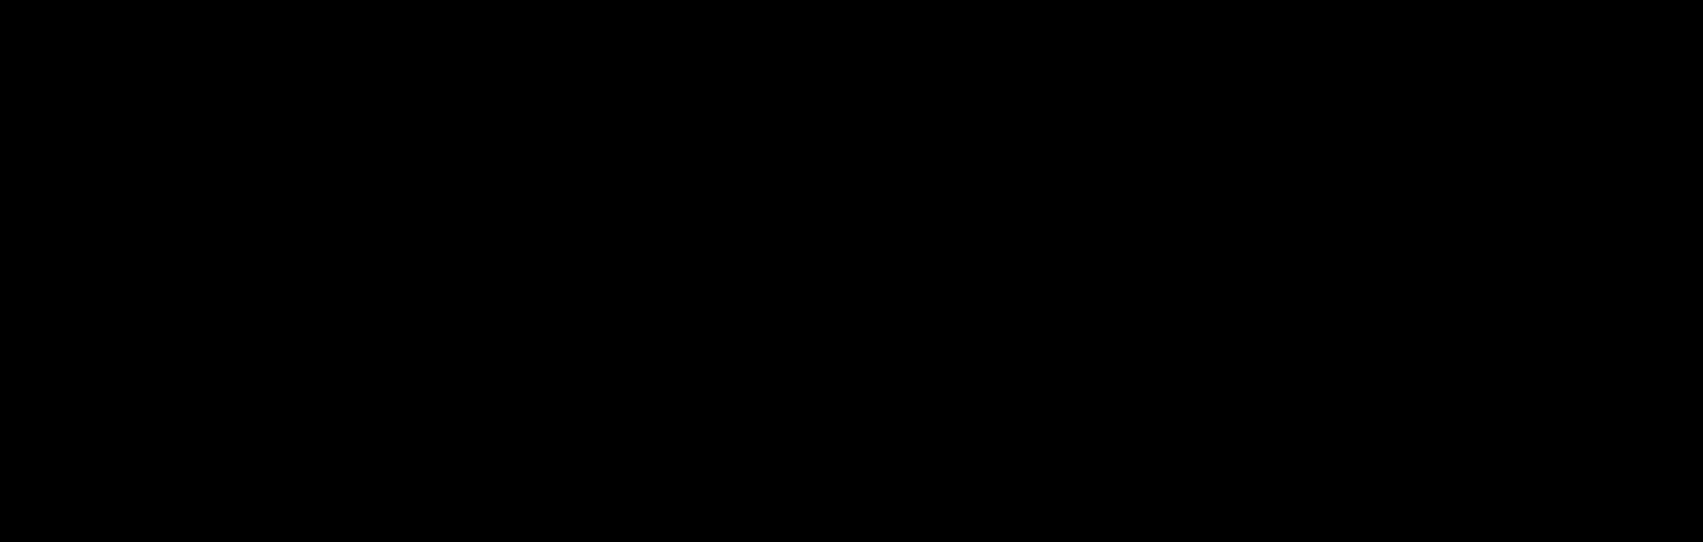 leonaura.golub's Signature